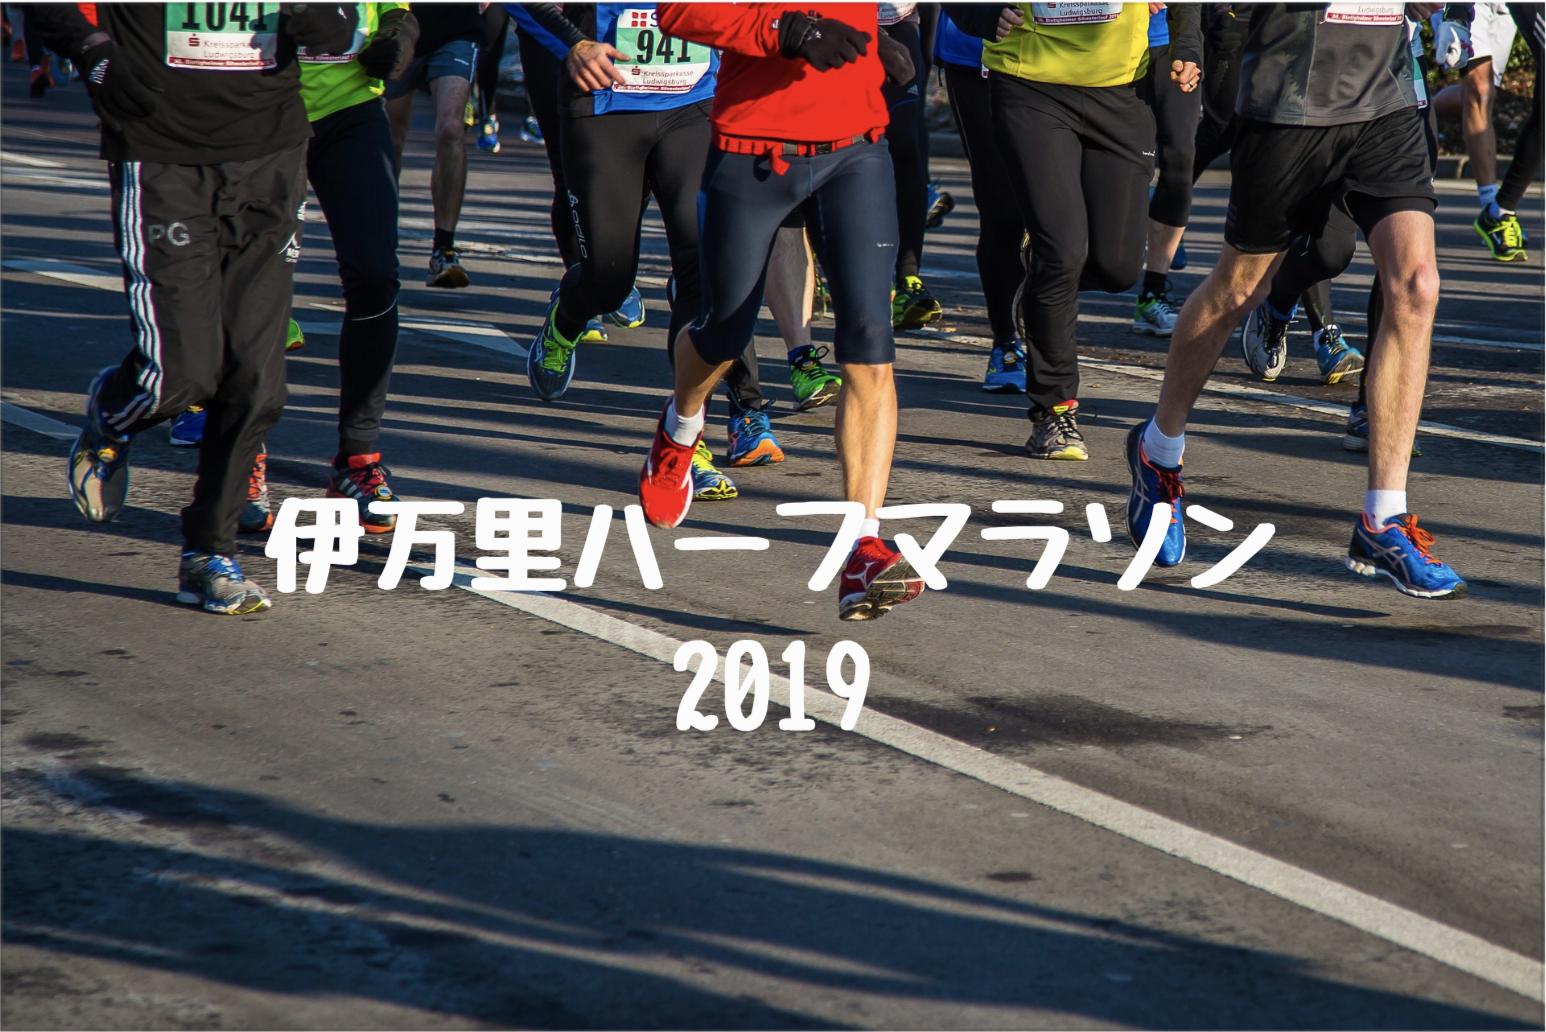 【1/14】「新春の走り初めは伊万里で!」伊万里ハーフマラソン2019が開催されます!